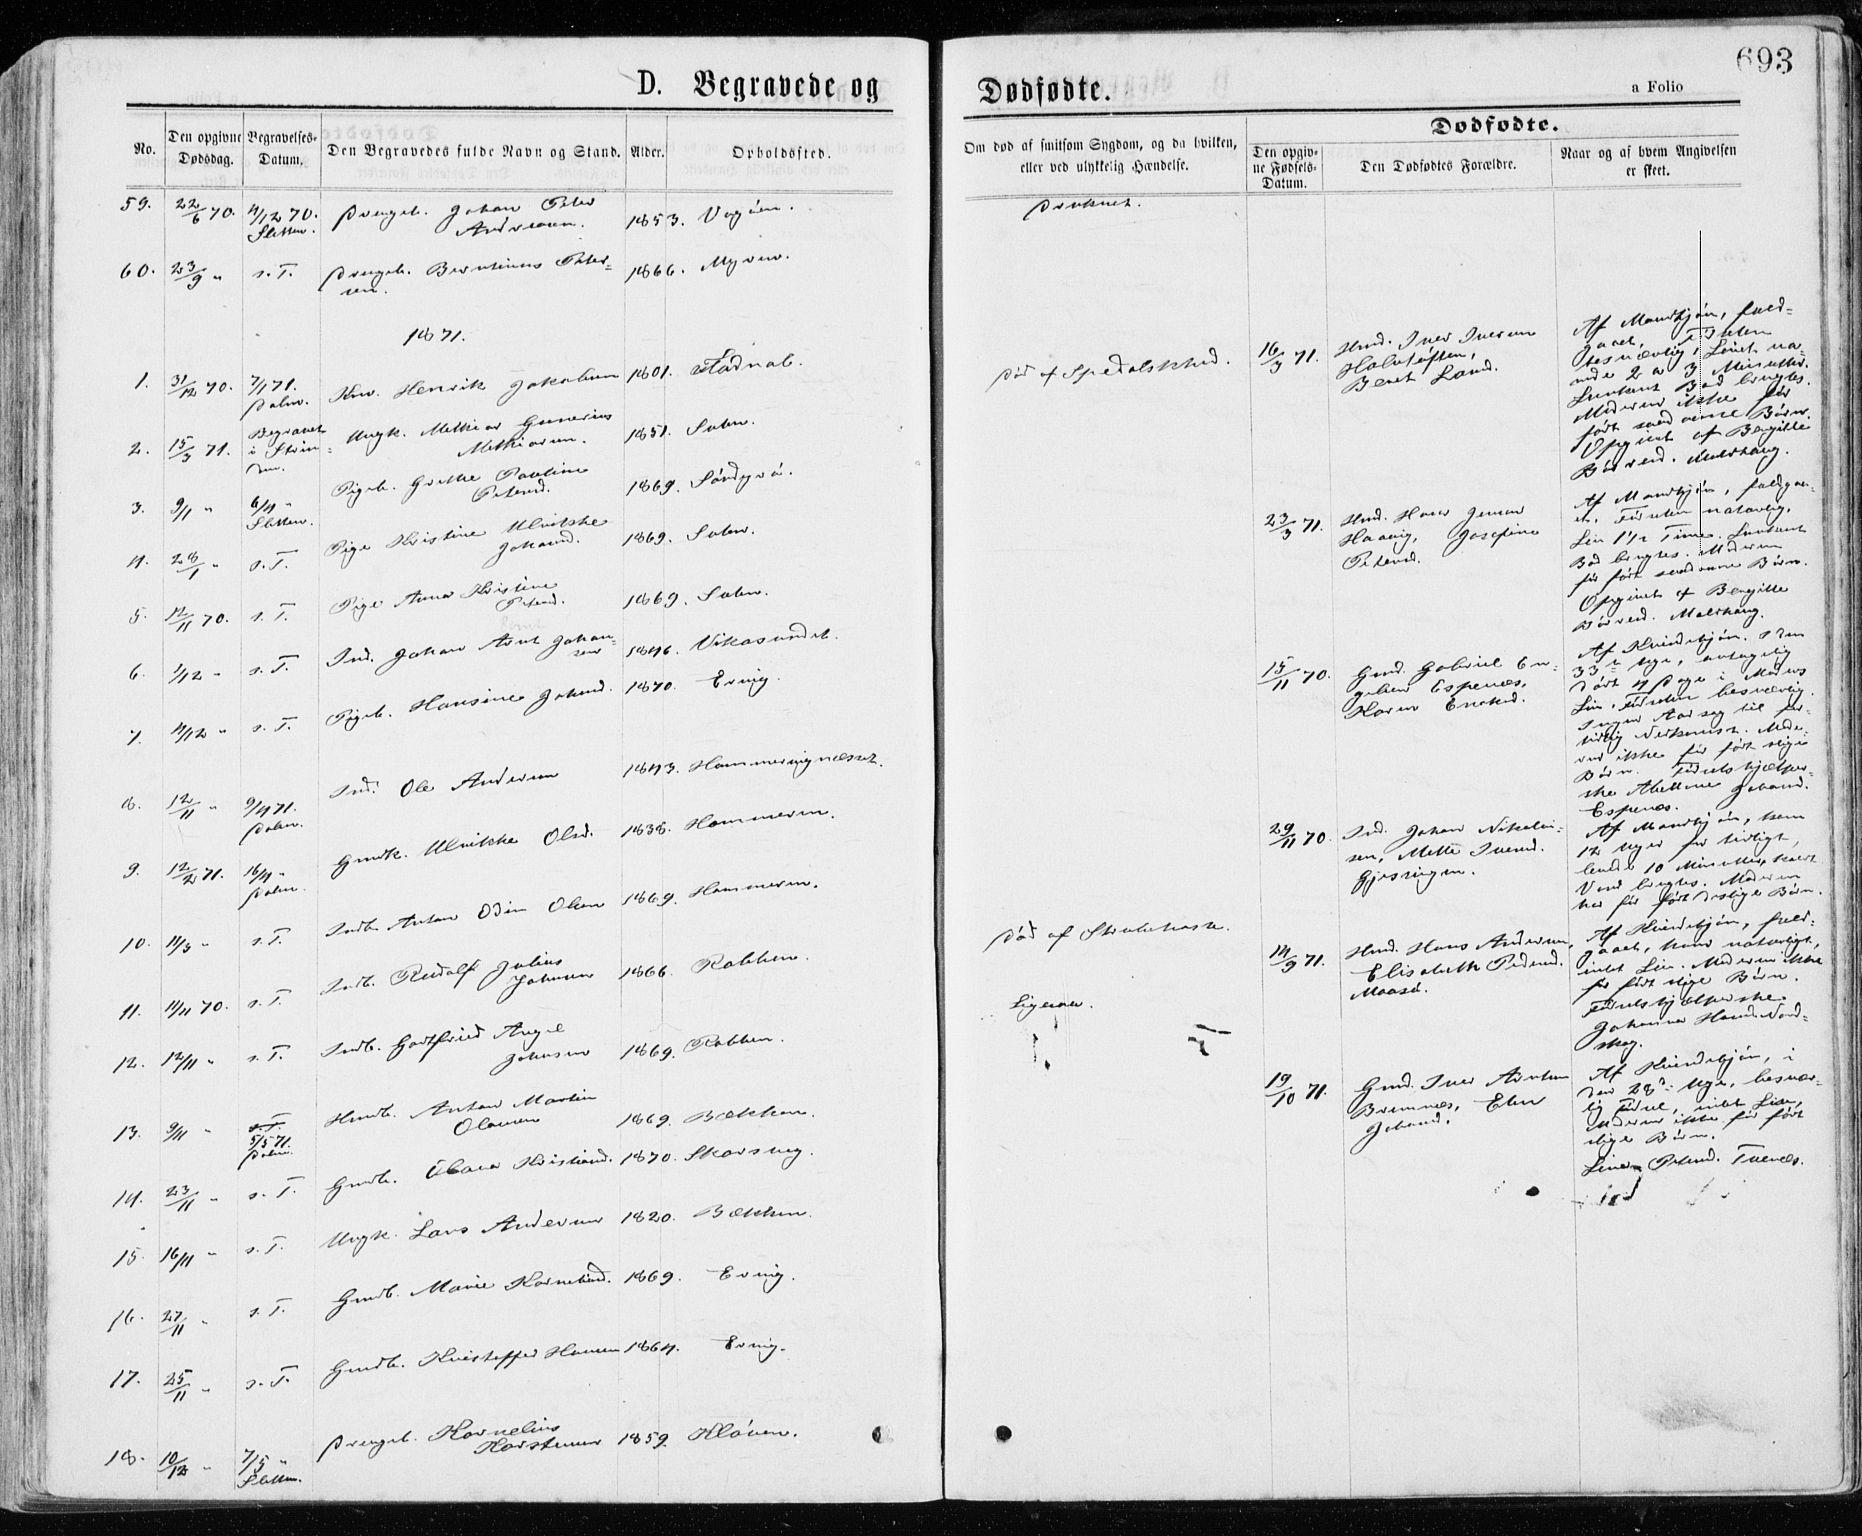 SAT, Ministerialprotokoller, klokkerbøker og fødselsregistre - Sør-Trøndelag, 640/L0576: Ministerialbok nr. 640A01, 1846-1876, s. 693